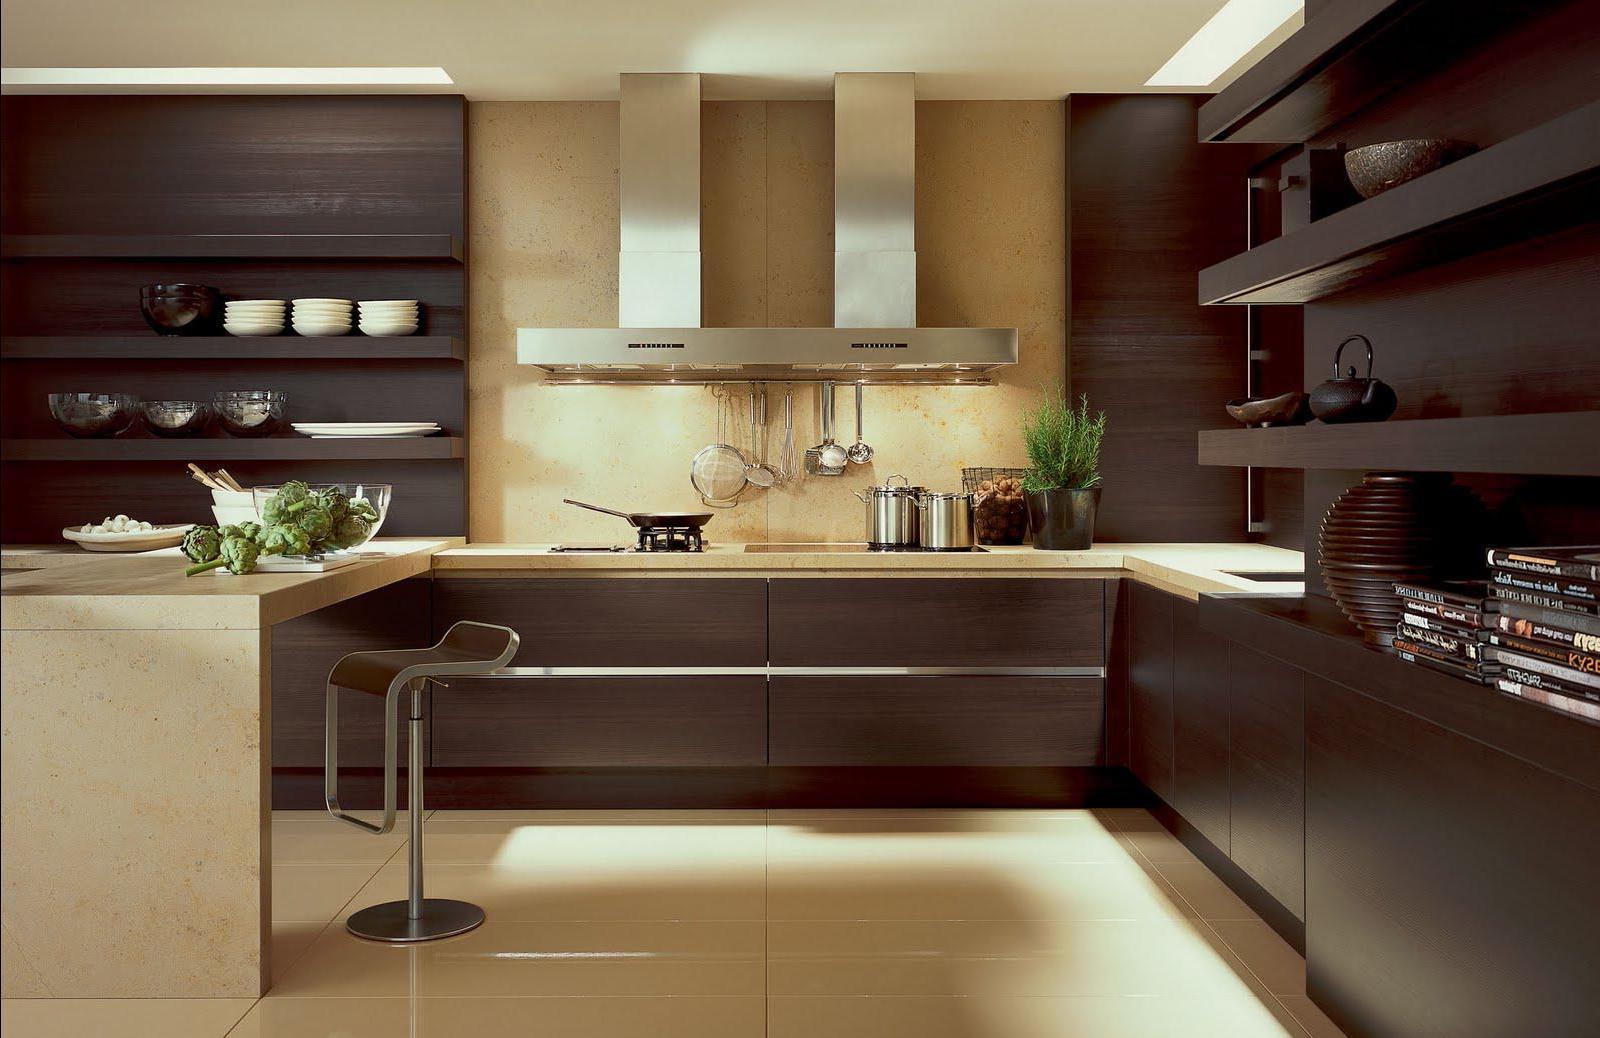 Ремонт на кухни своими руками фото